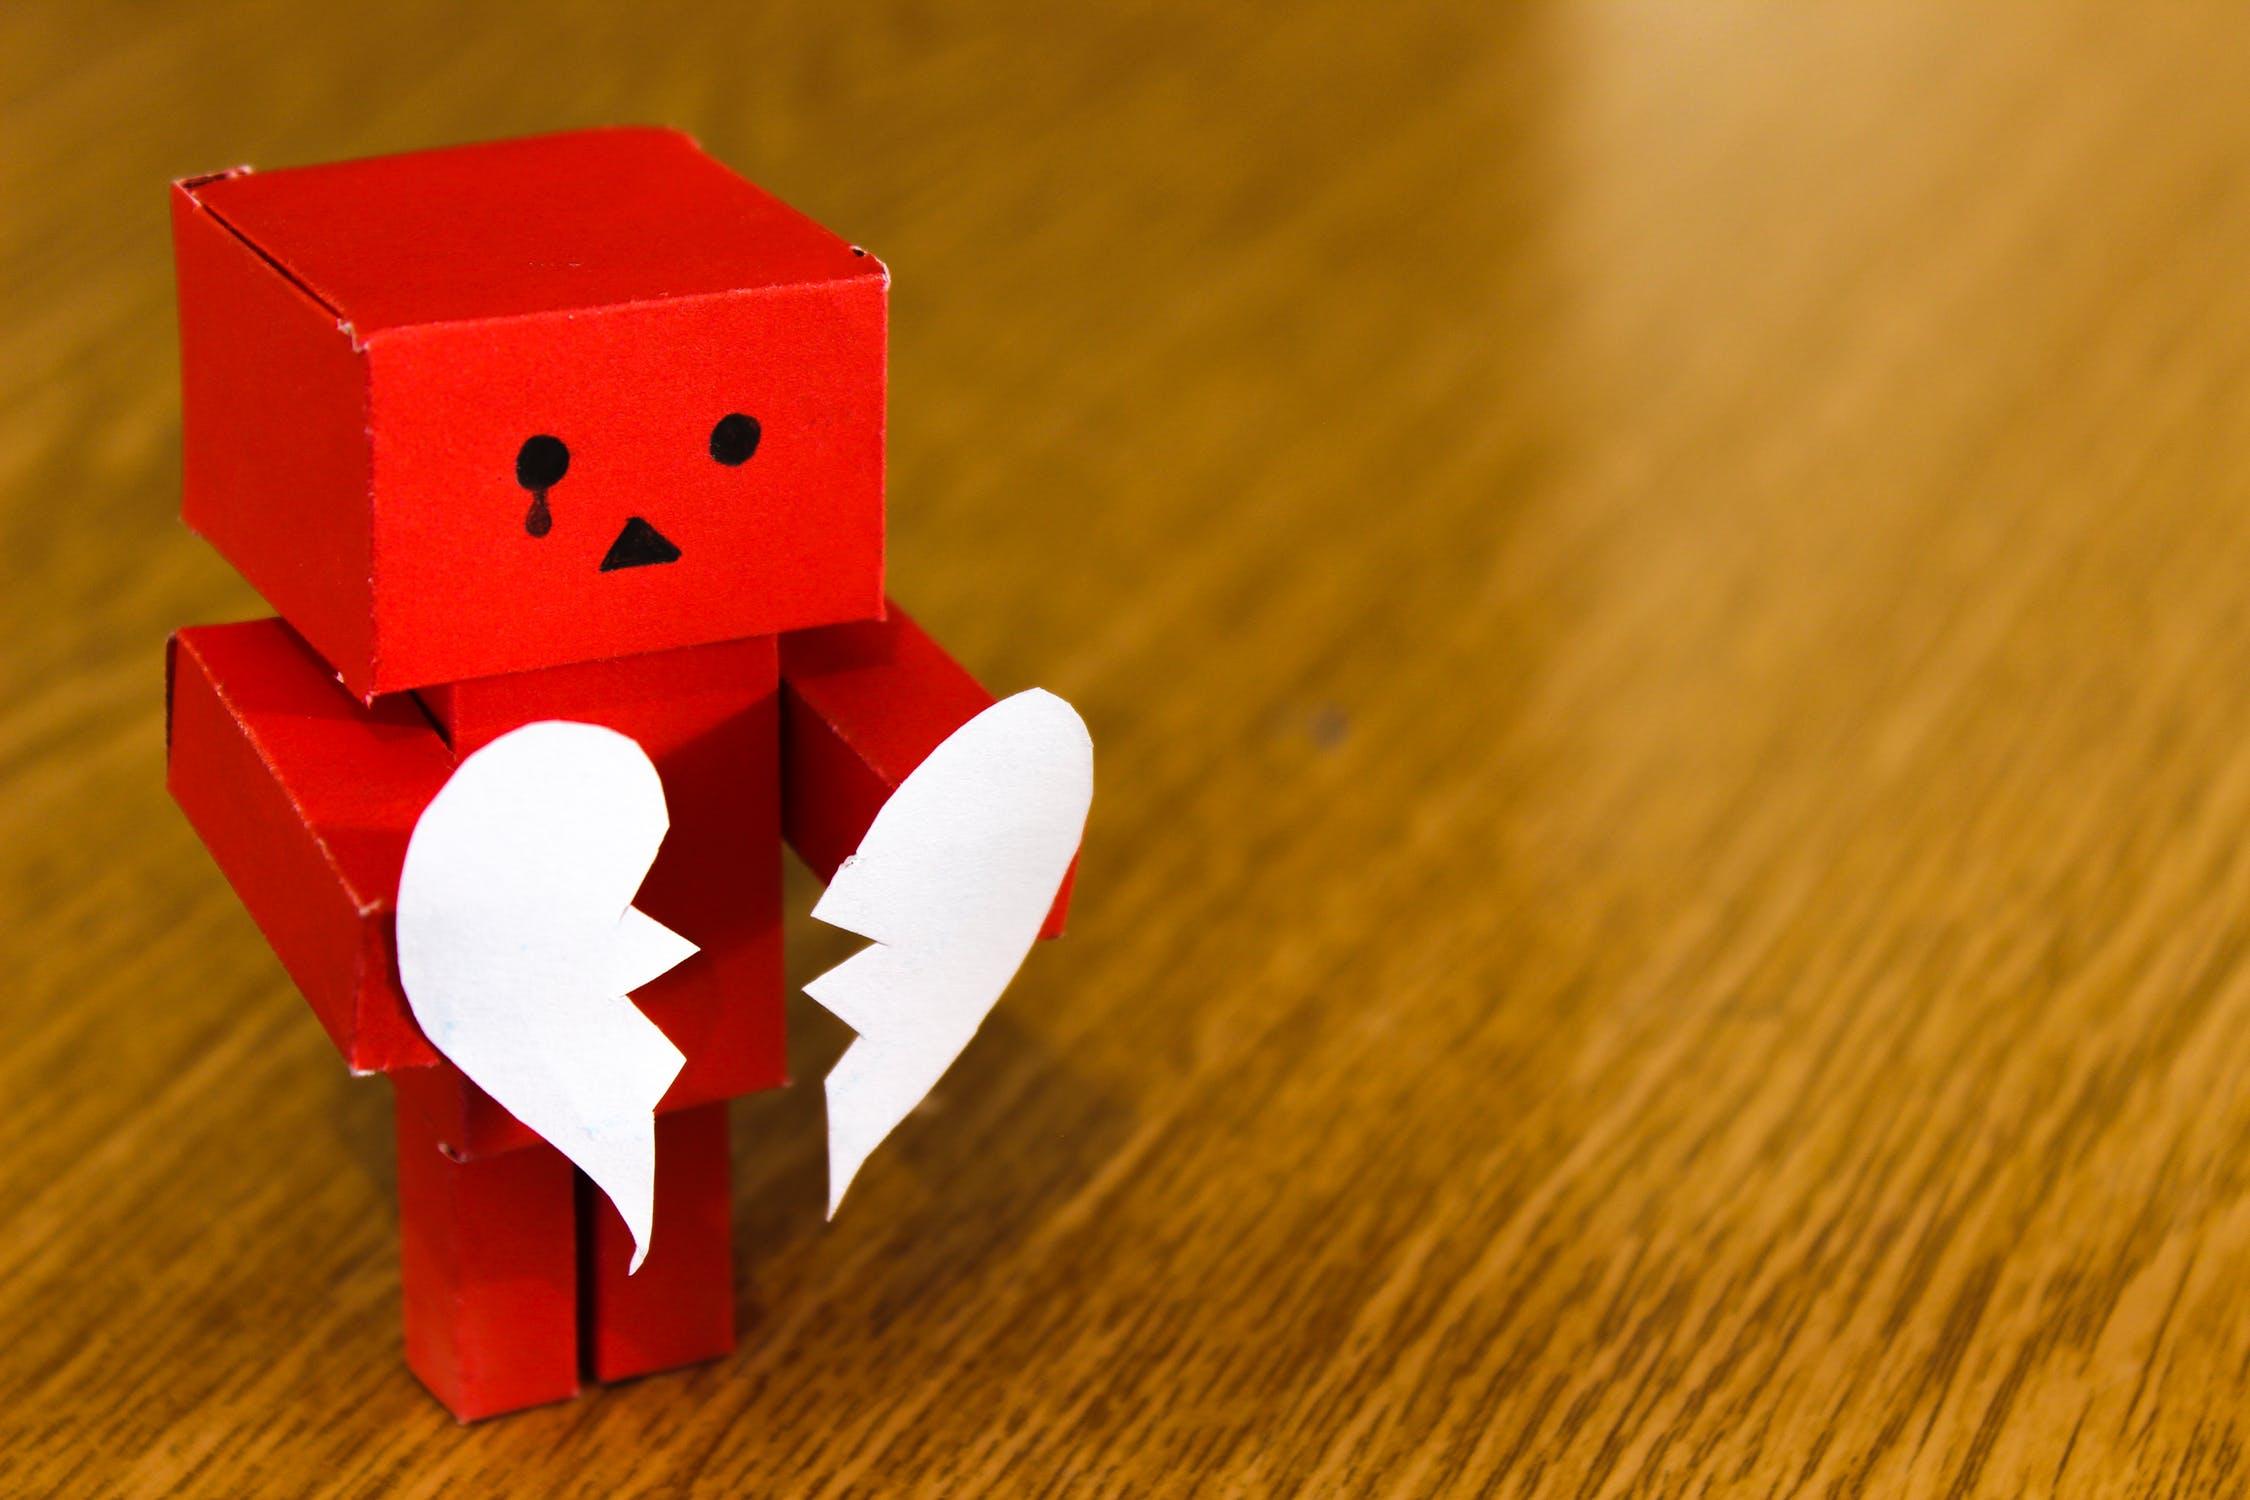 トラウマはどう日常に影響し、幸せな人生を阻害するのか